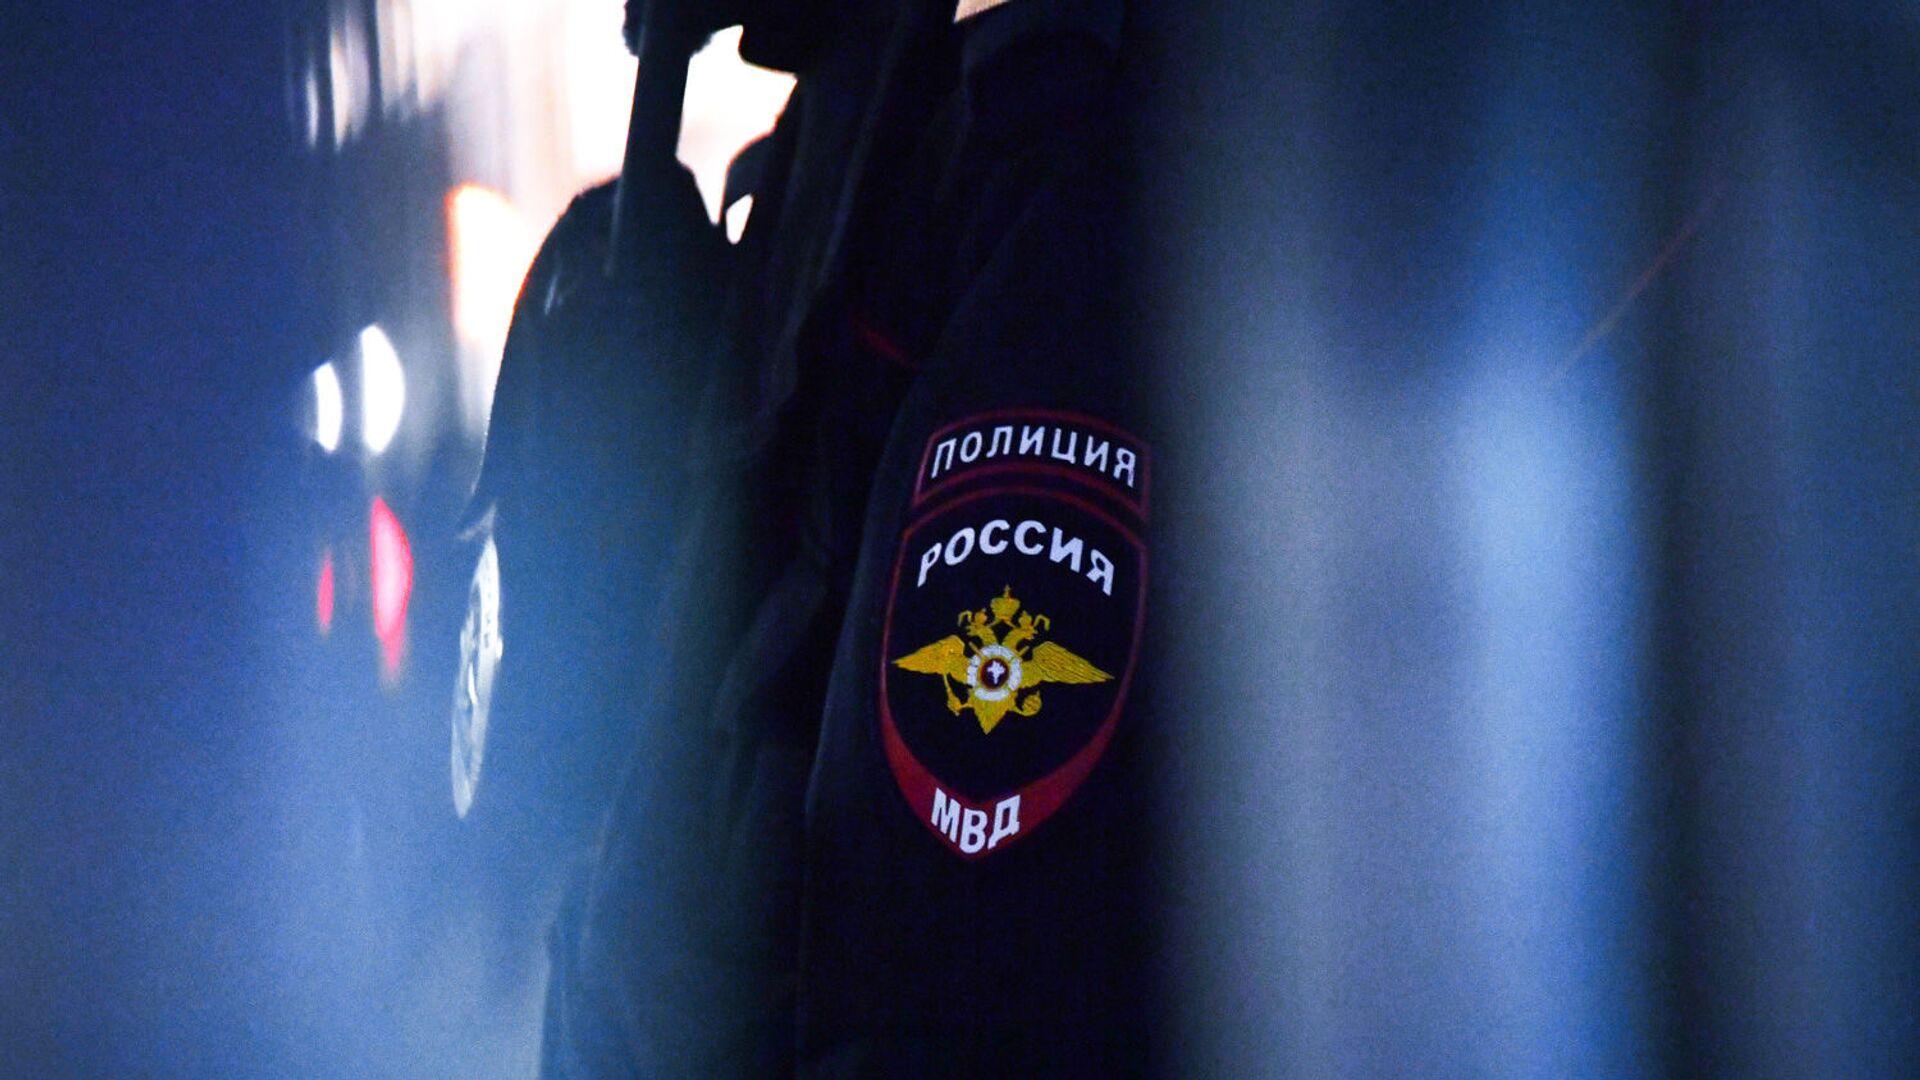 Под Калининградом мужчина проник в чужую квартиру и надругался над девочкой